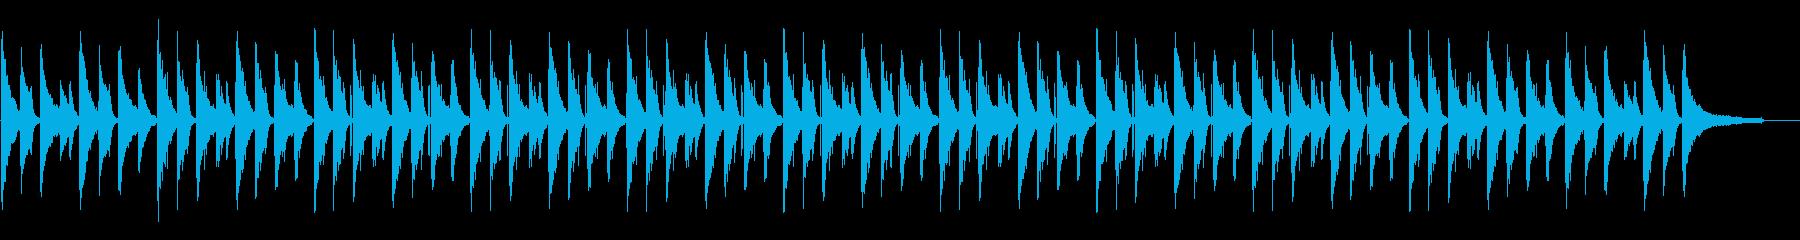 ピアノがきれいなチルホップの再生済みの波形